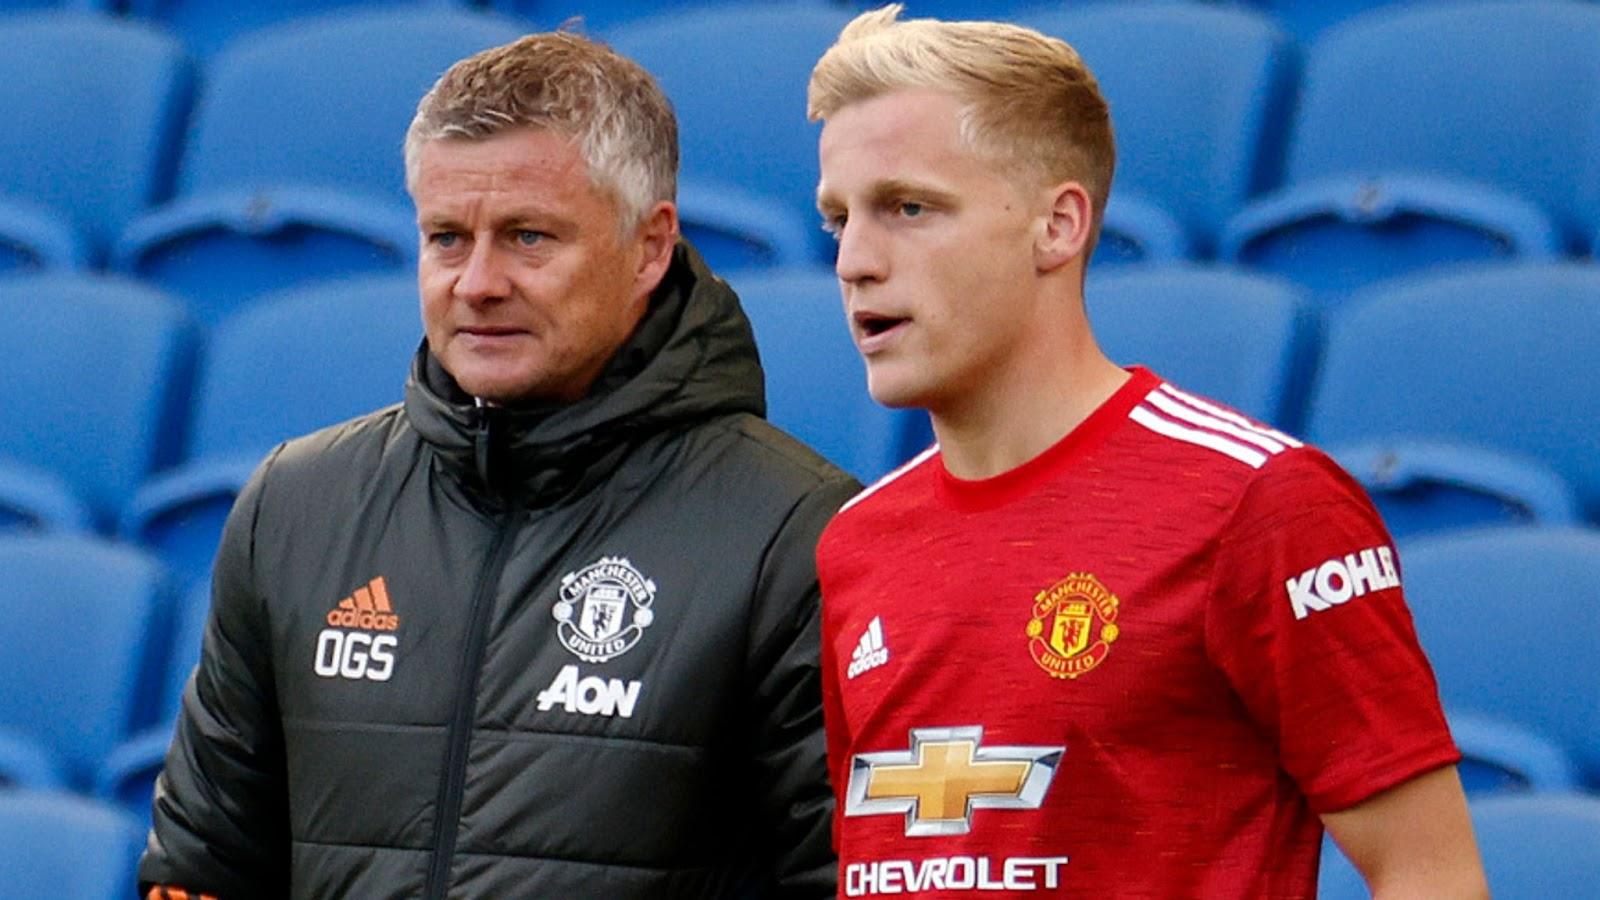 Man United Ole Gunnar Solskjaer and Donny Van De Beek